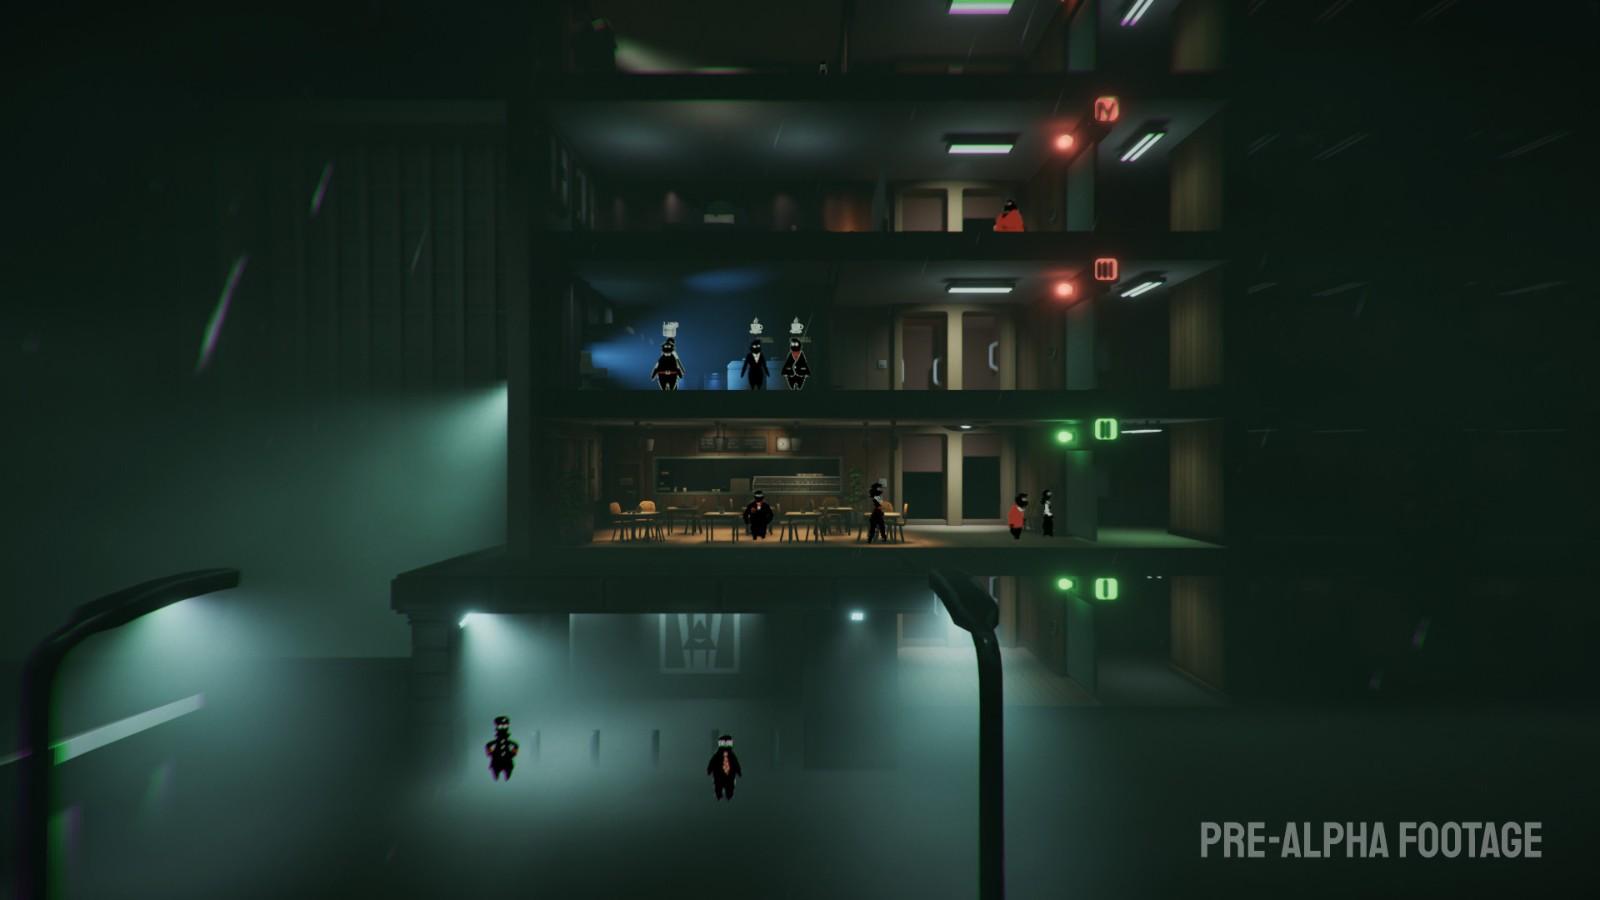 《旁观者3》正式上架Steam 2022年发售、支持简中